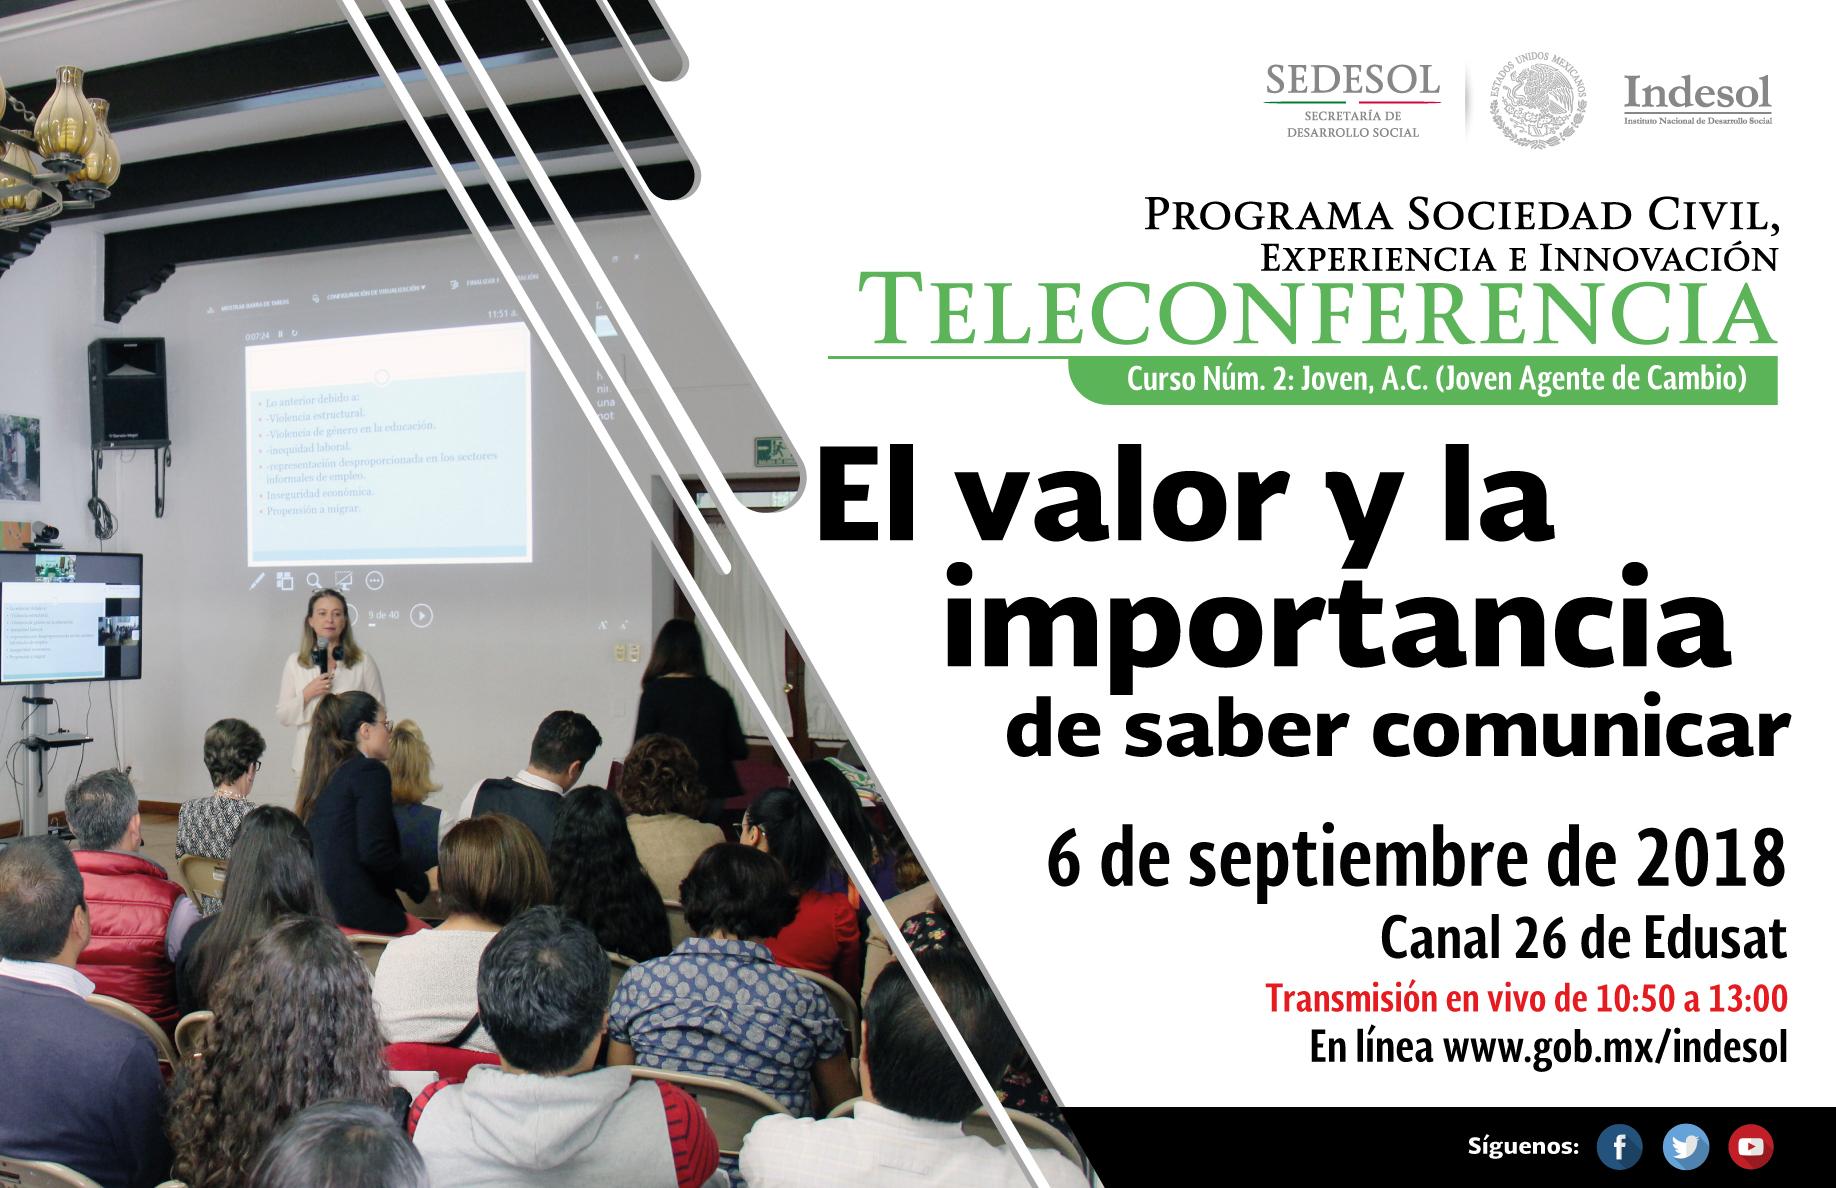 Próxima teleconferencia del Indesol: Embajadas, fondos y donantes internacionales II